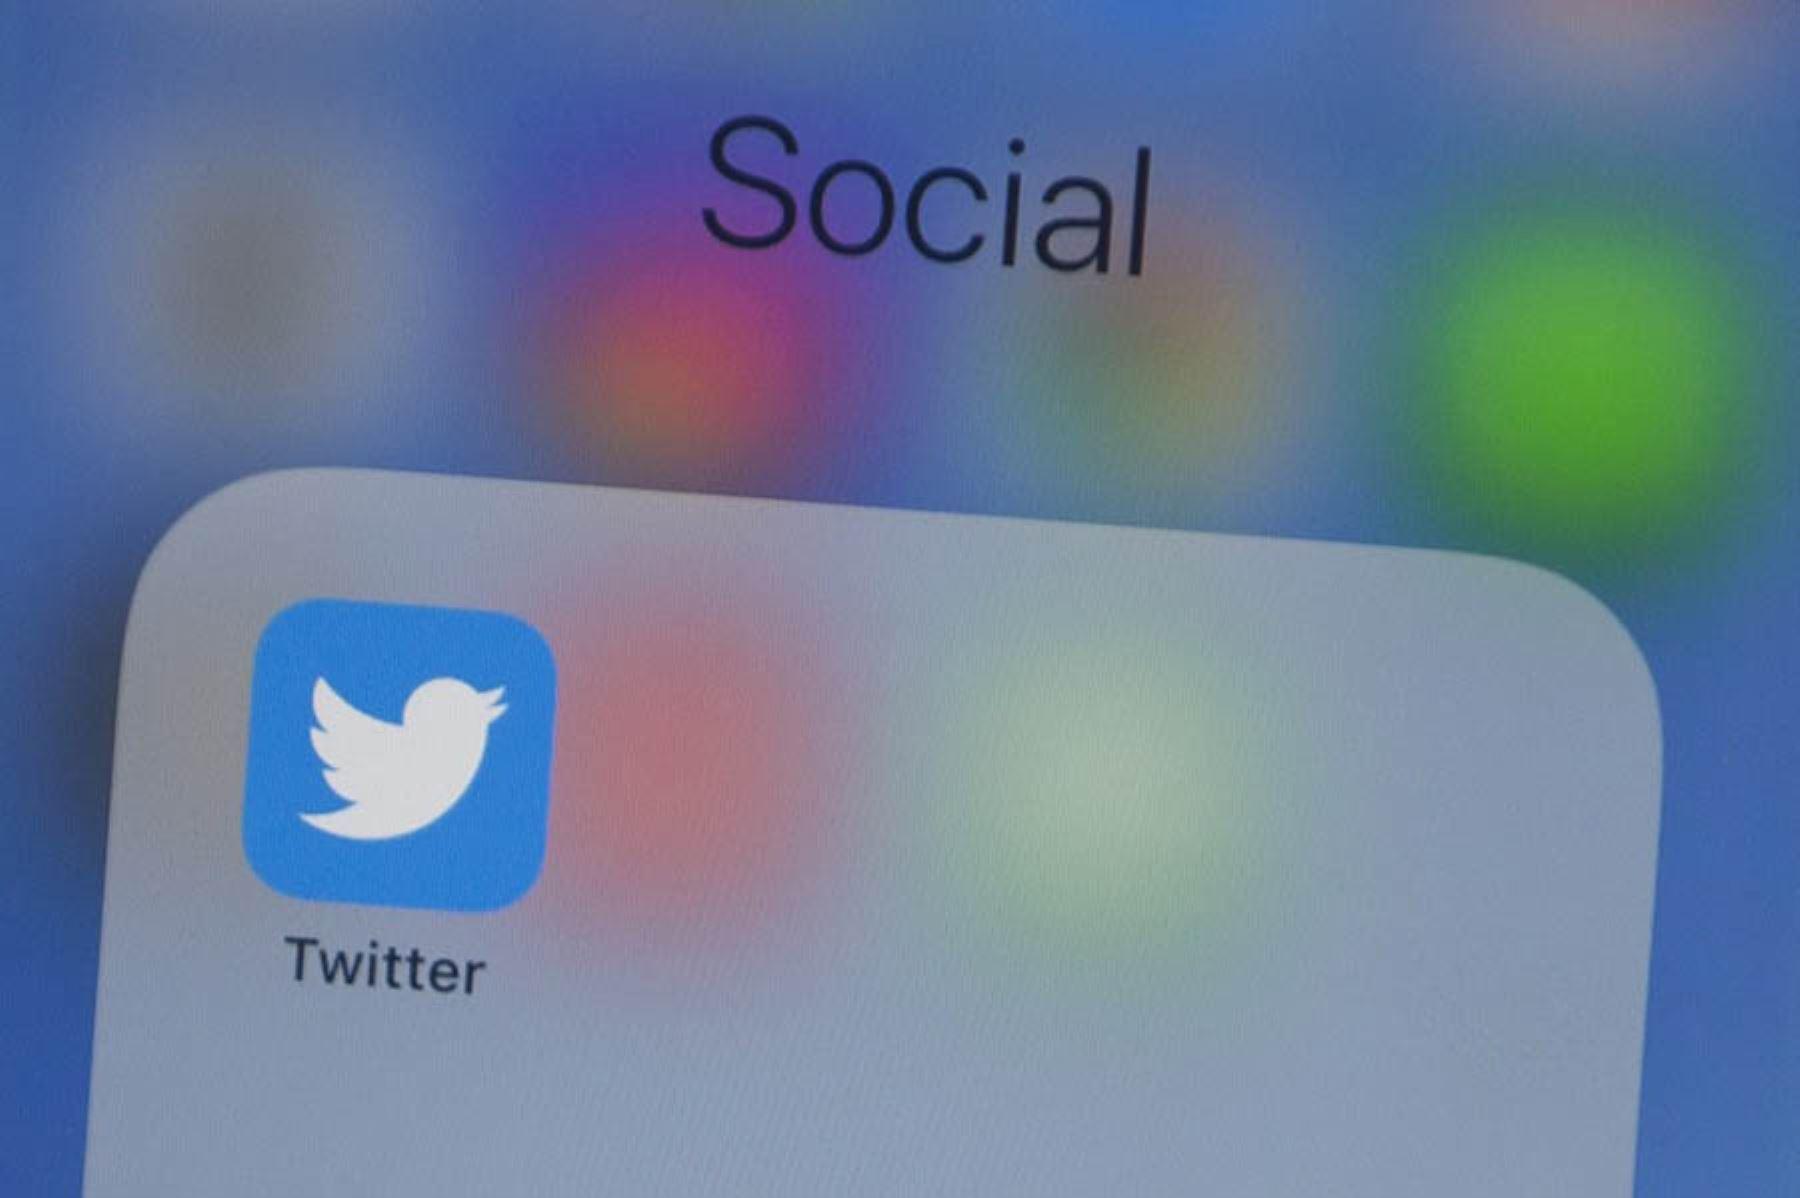 Ticketed Spaces permitirá que estrellas de Twitter vendan acceso a contenidos como eventos de audio en vivo por precios que van de uno a 999 dólares